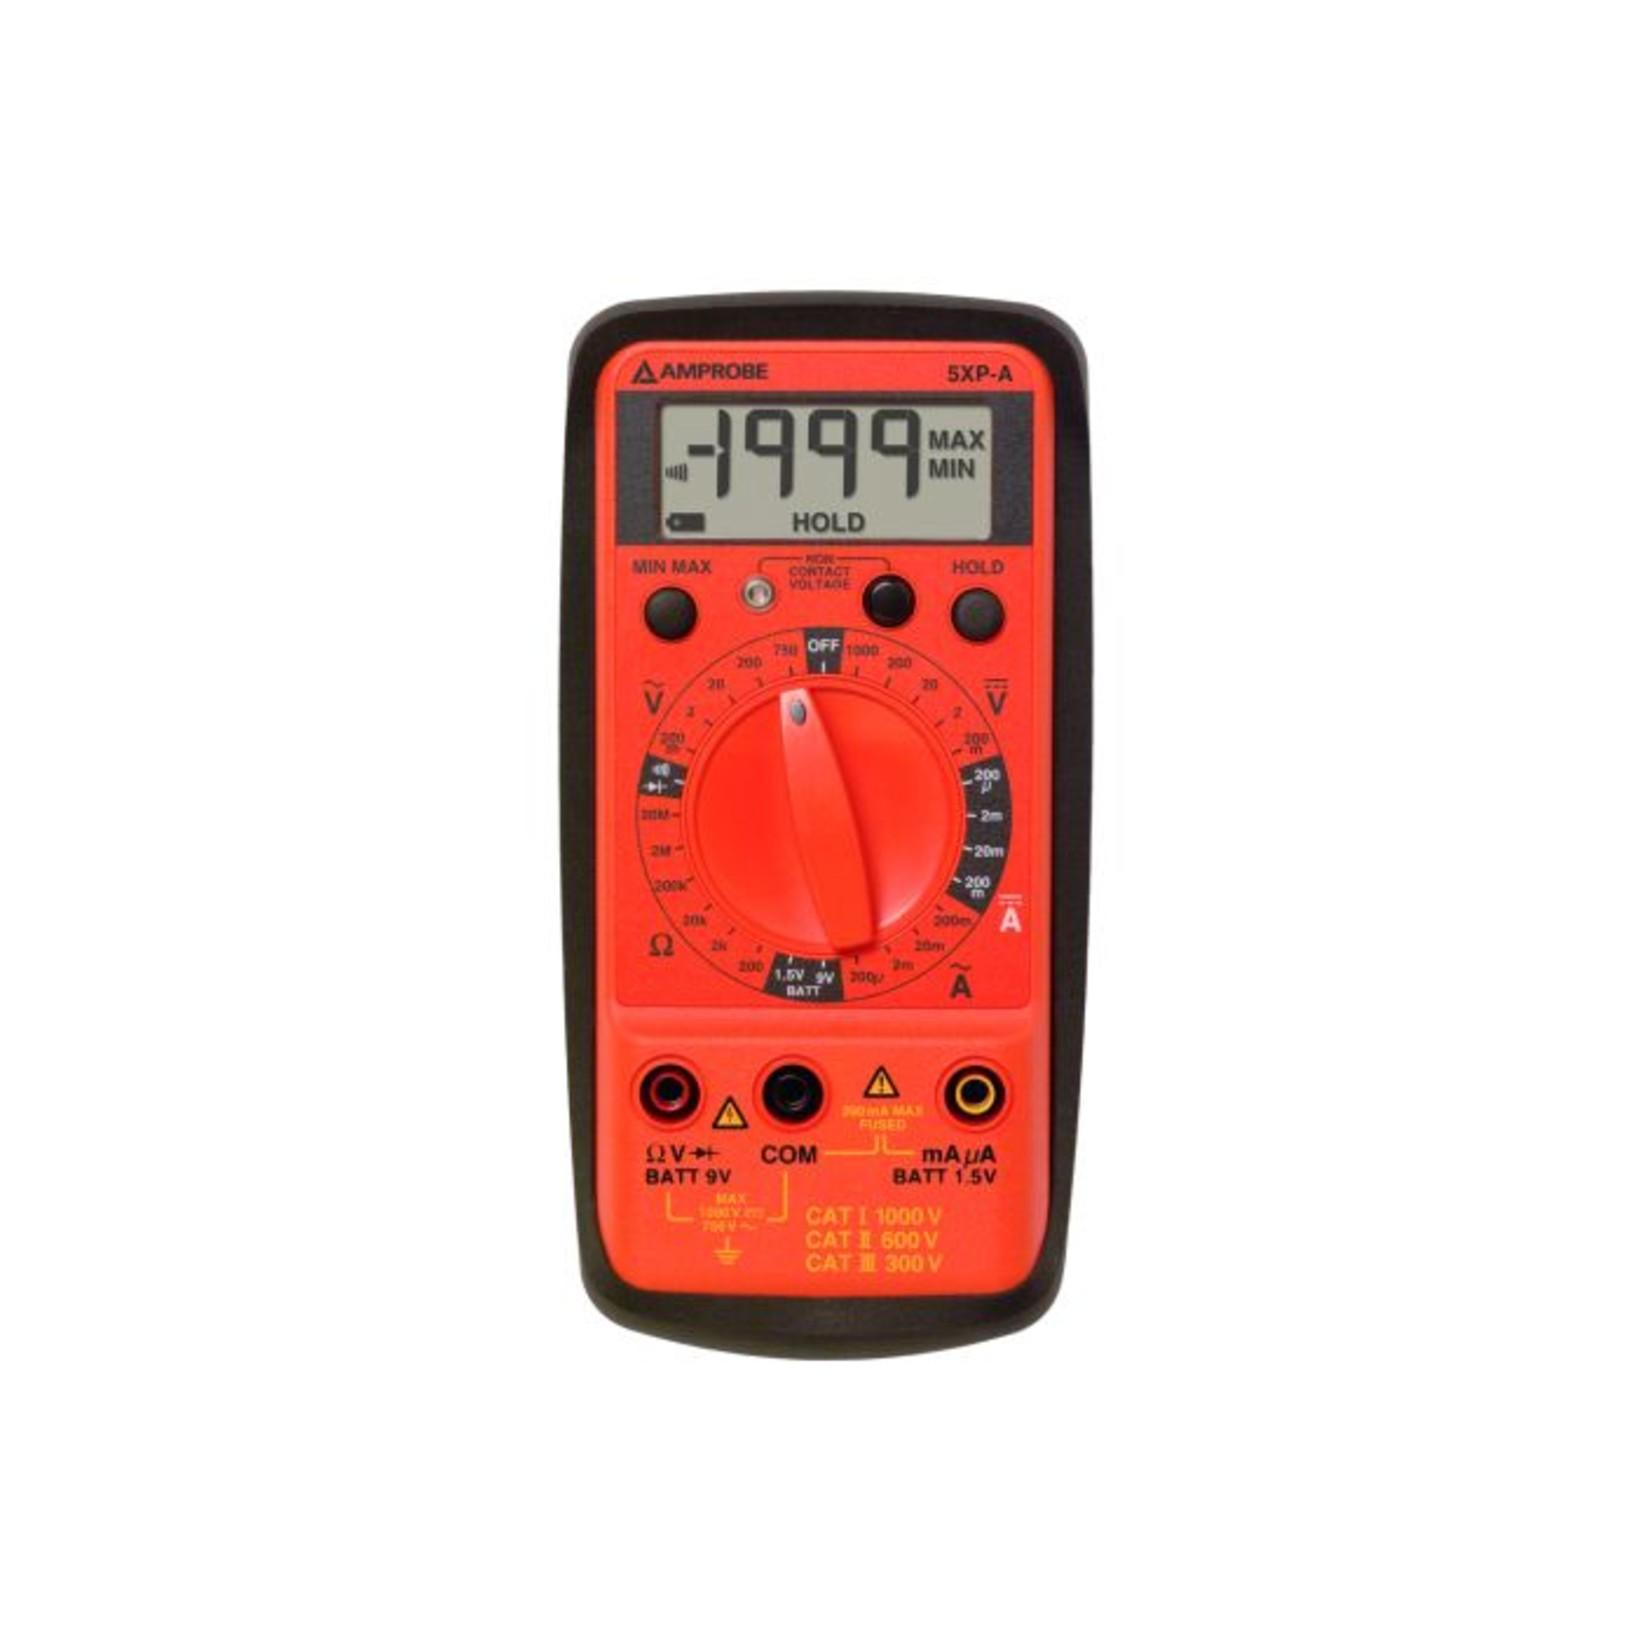 BEHA-AMPROBE Amprobe 5XP-A digitale multimeter